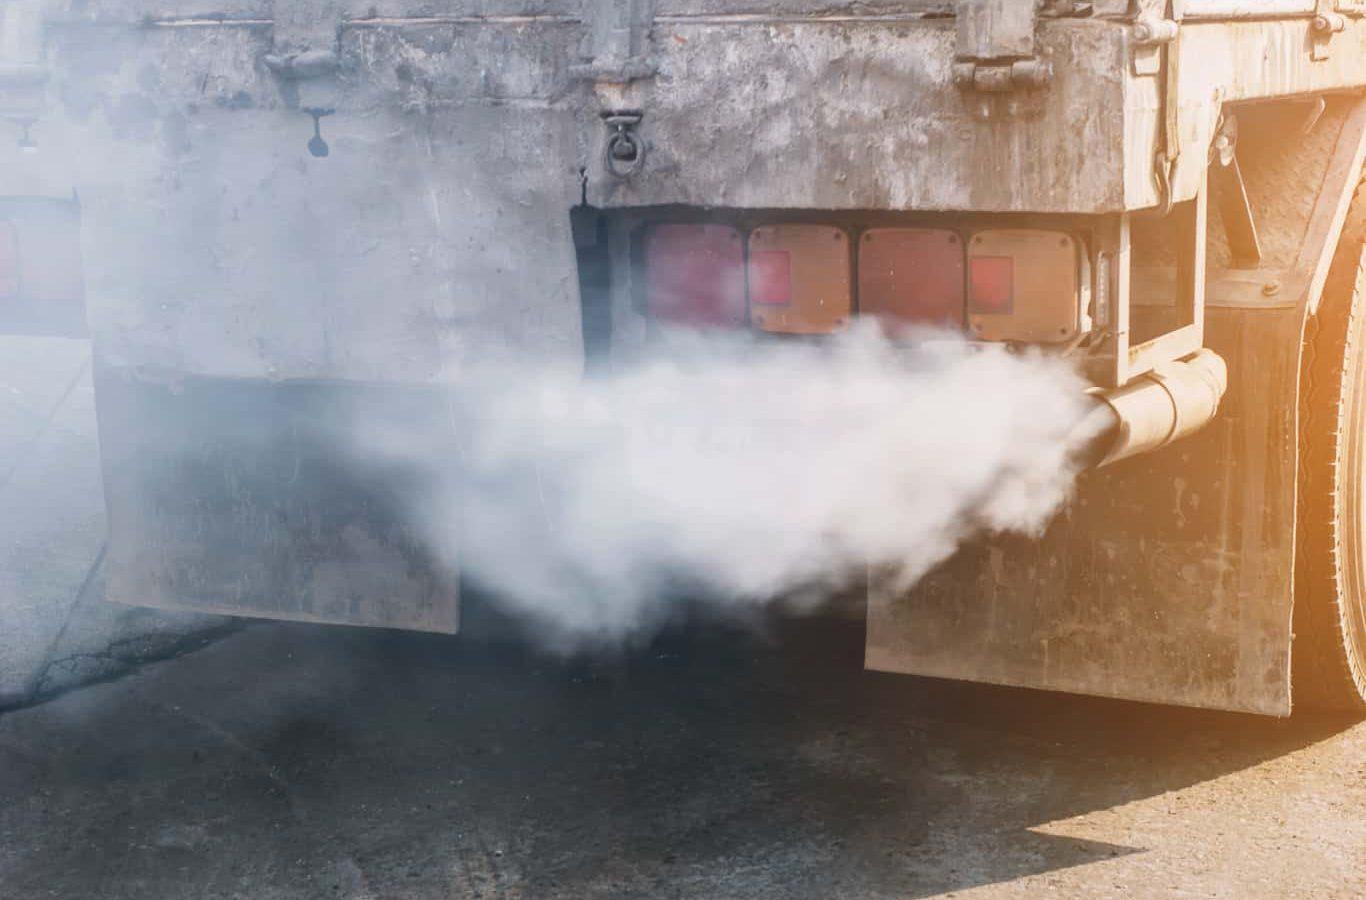 reduce vehicle emissions 1